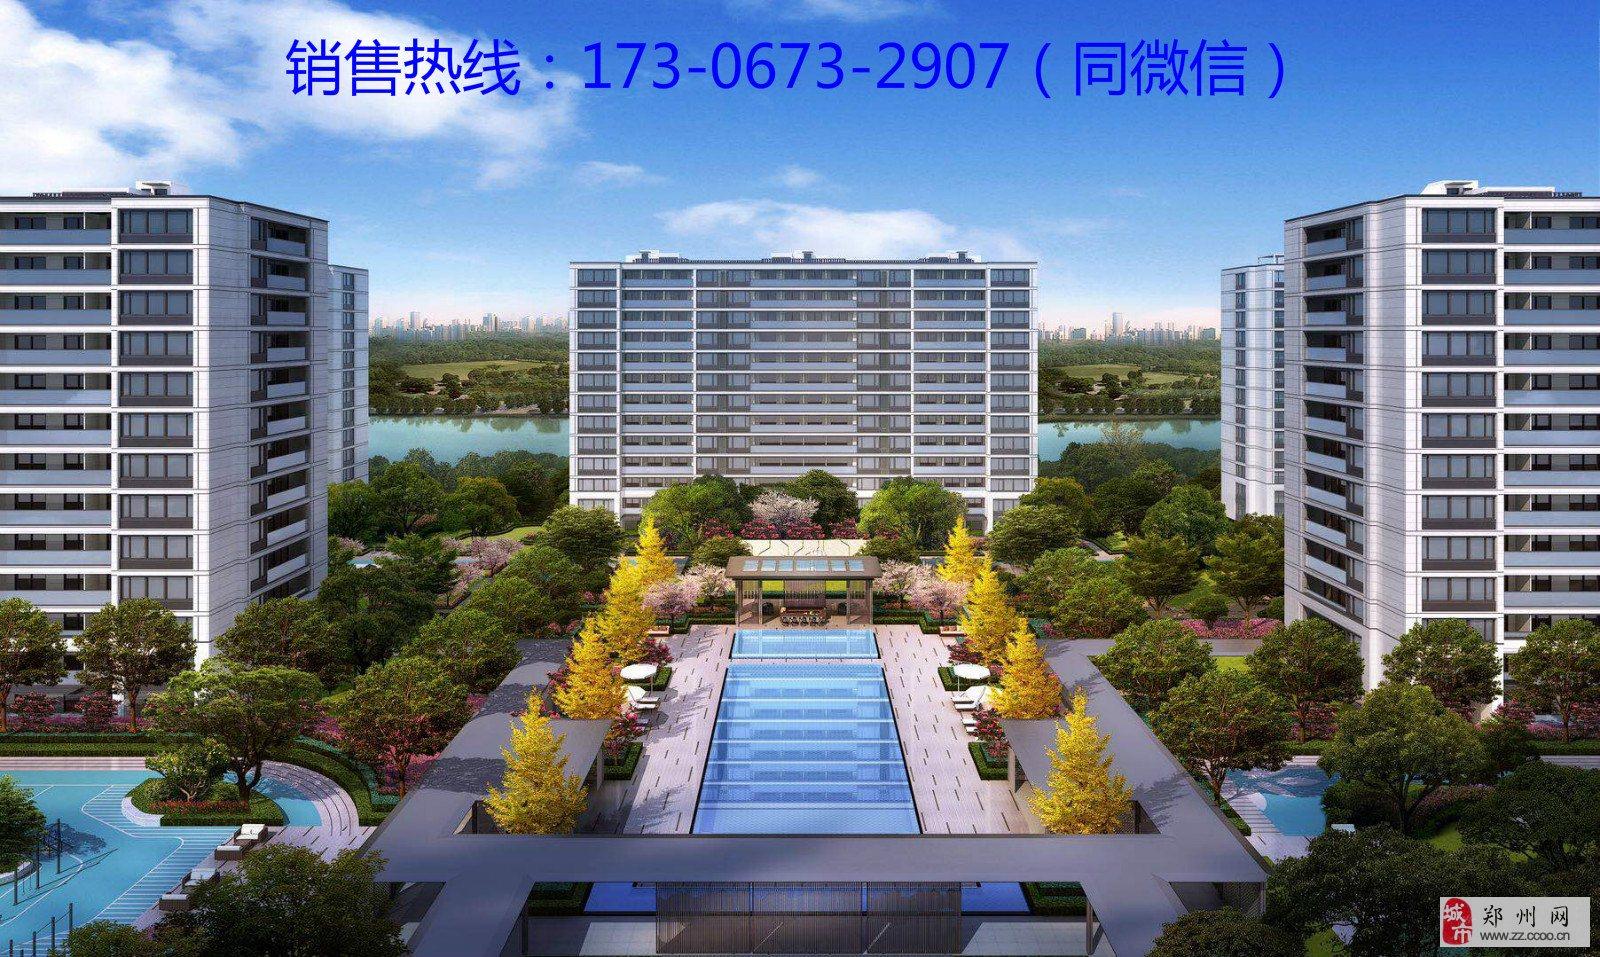 佳宁苑一期主推两室和三室的观景高层(图) - 天津乐居网